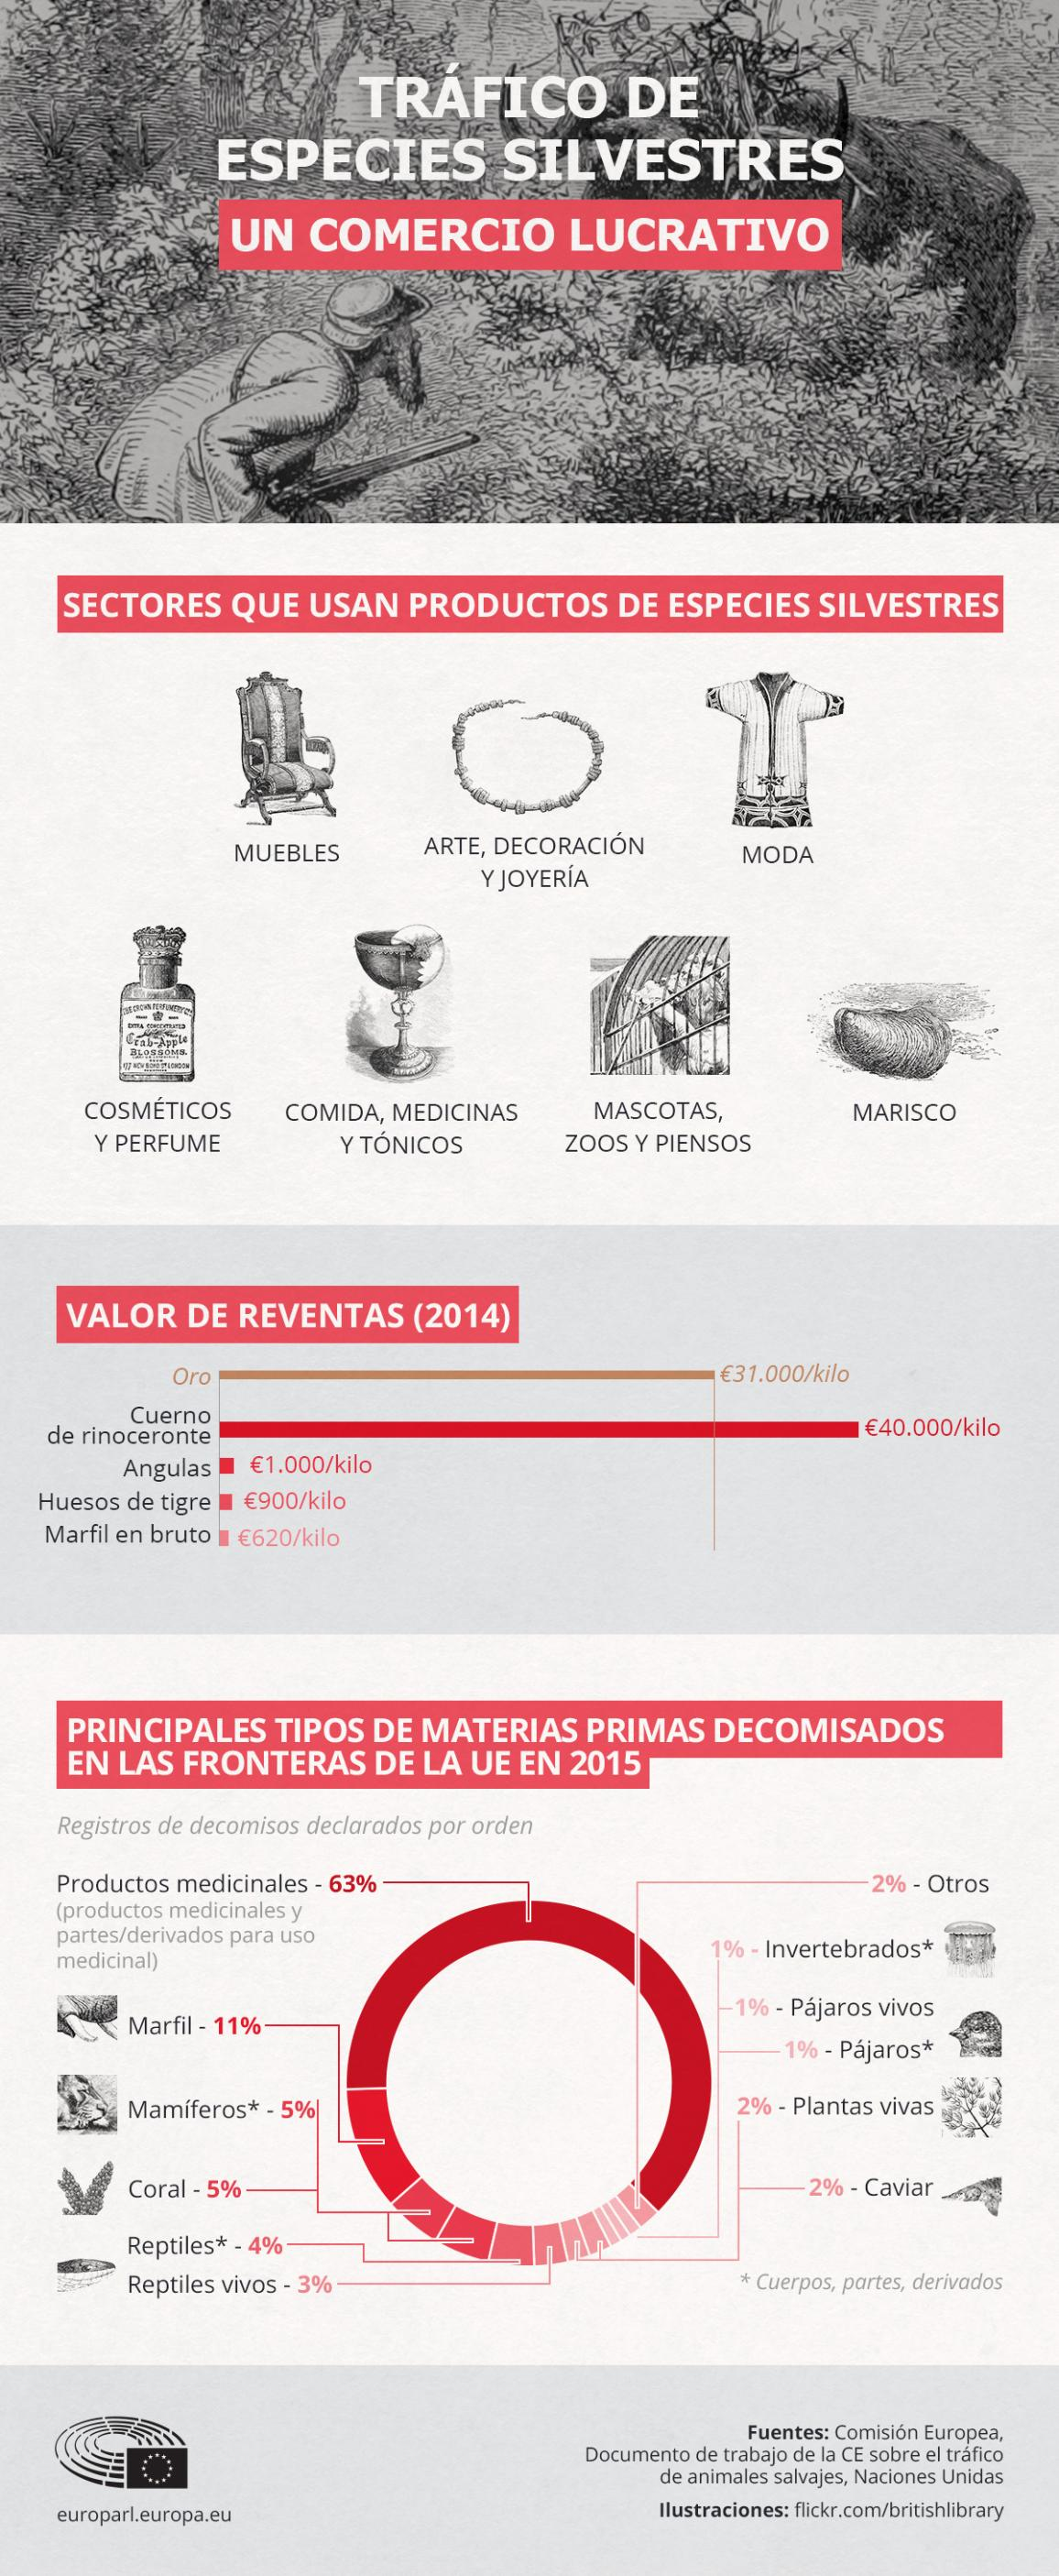 Infografía: El tráfico de especies animales es un negocio muy lucrativo